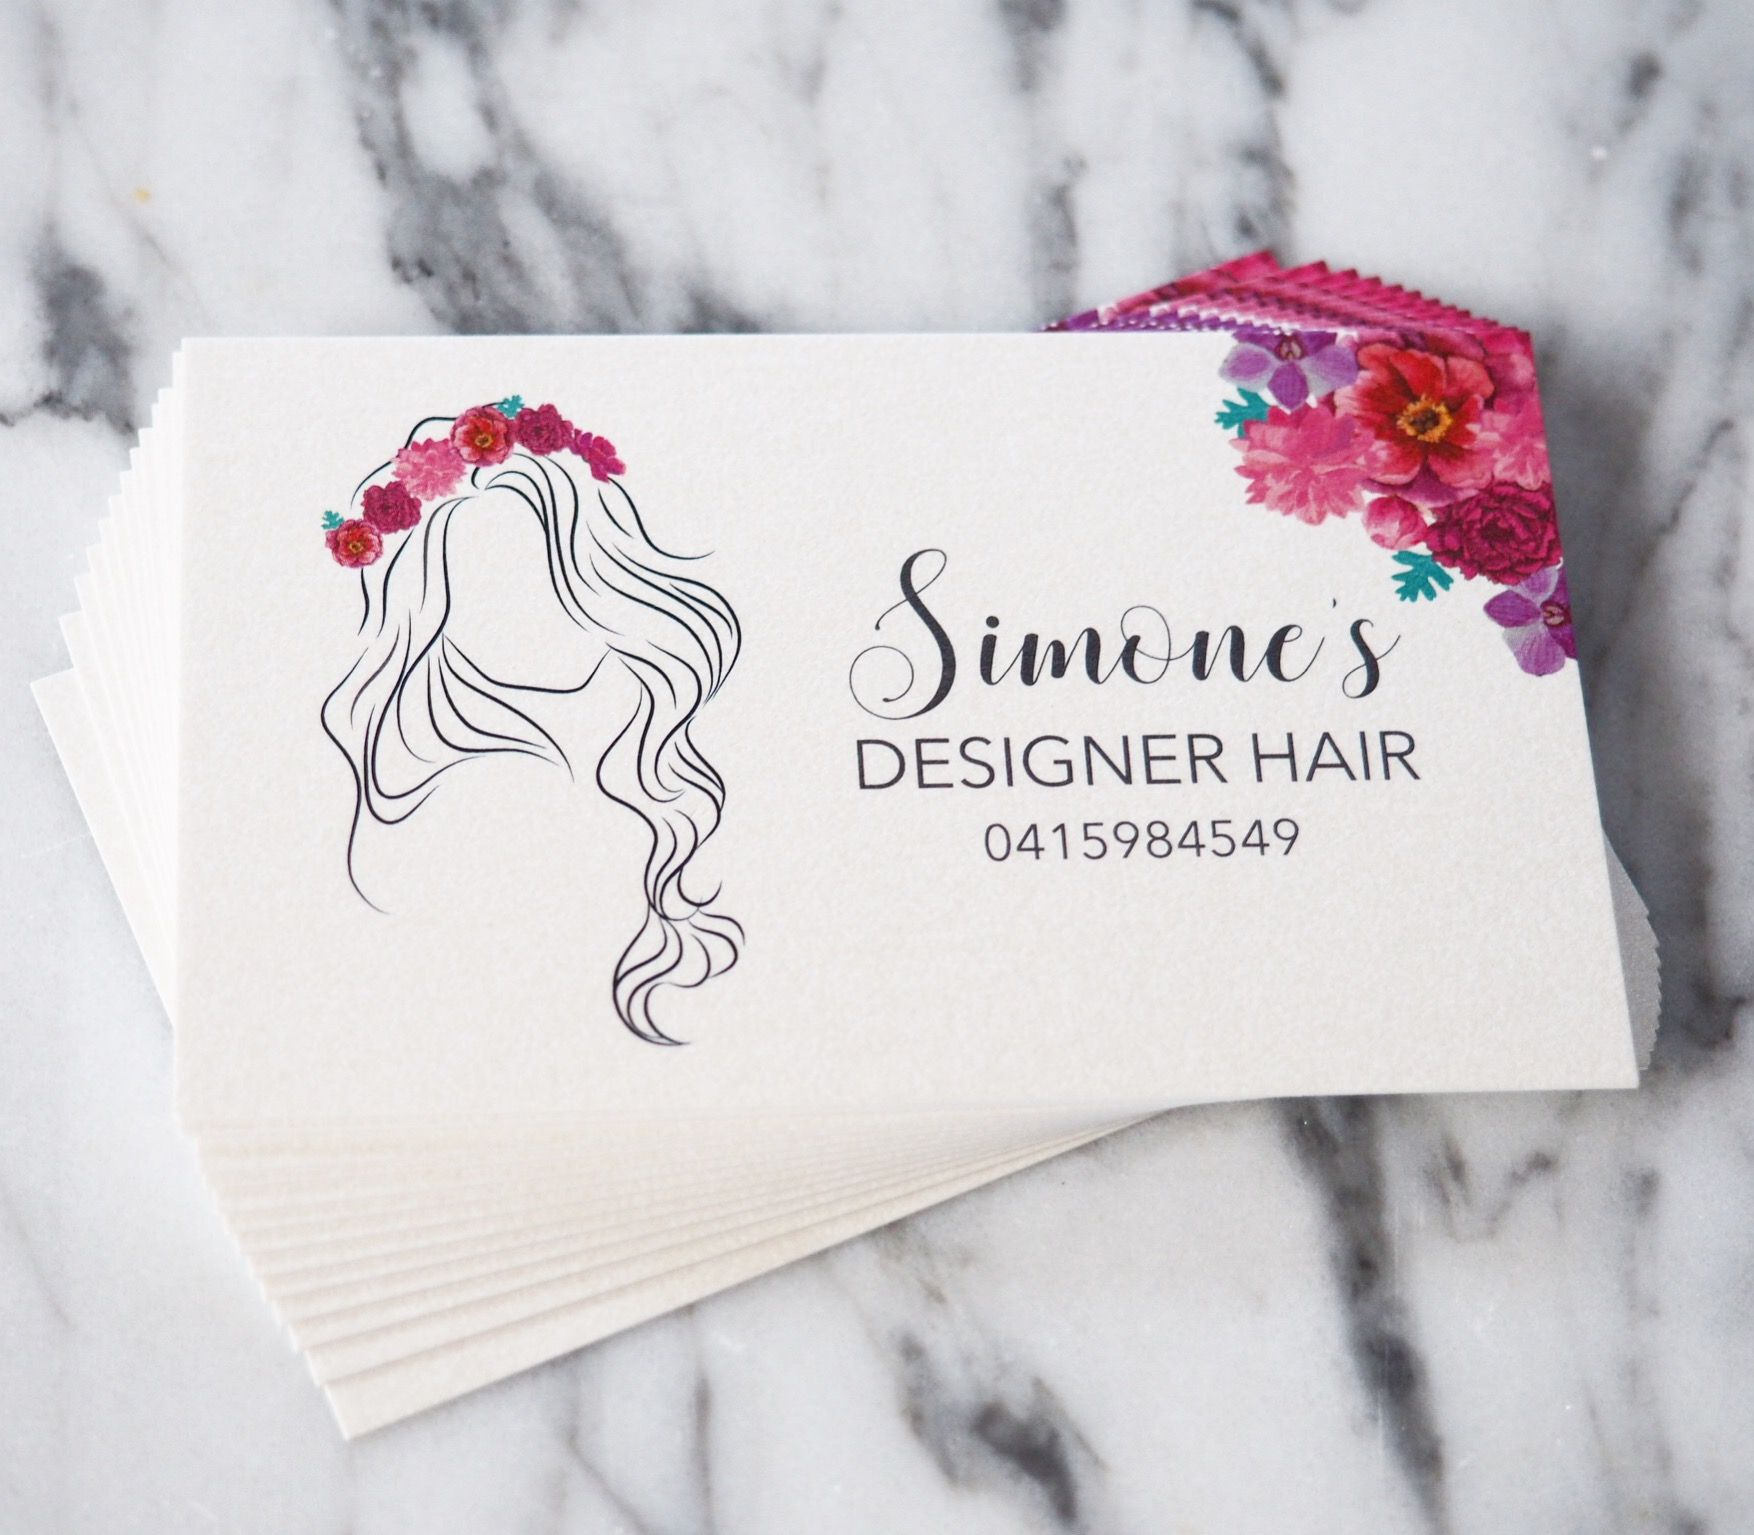 Hairdresser logo design, hairdresser business cards, pearl business ...